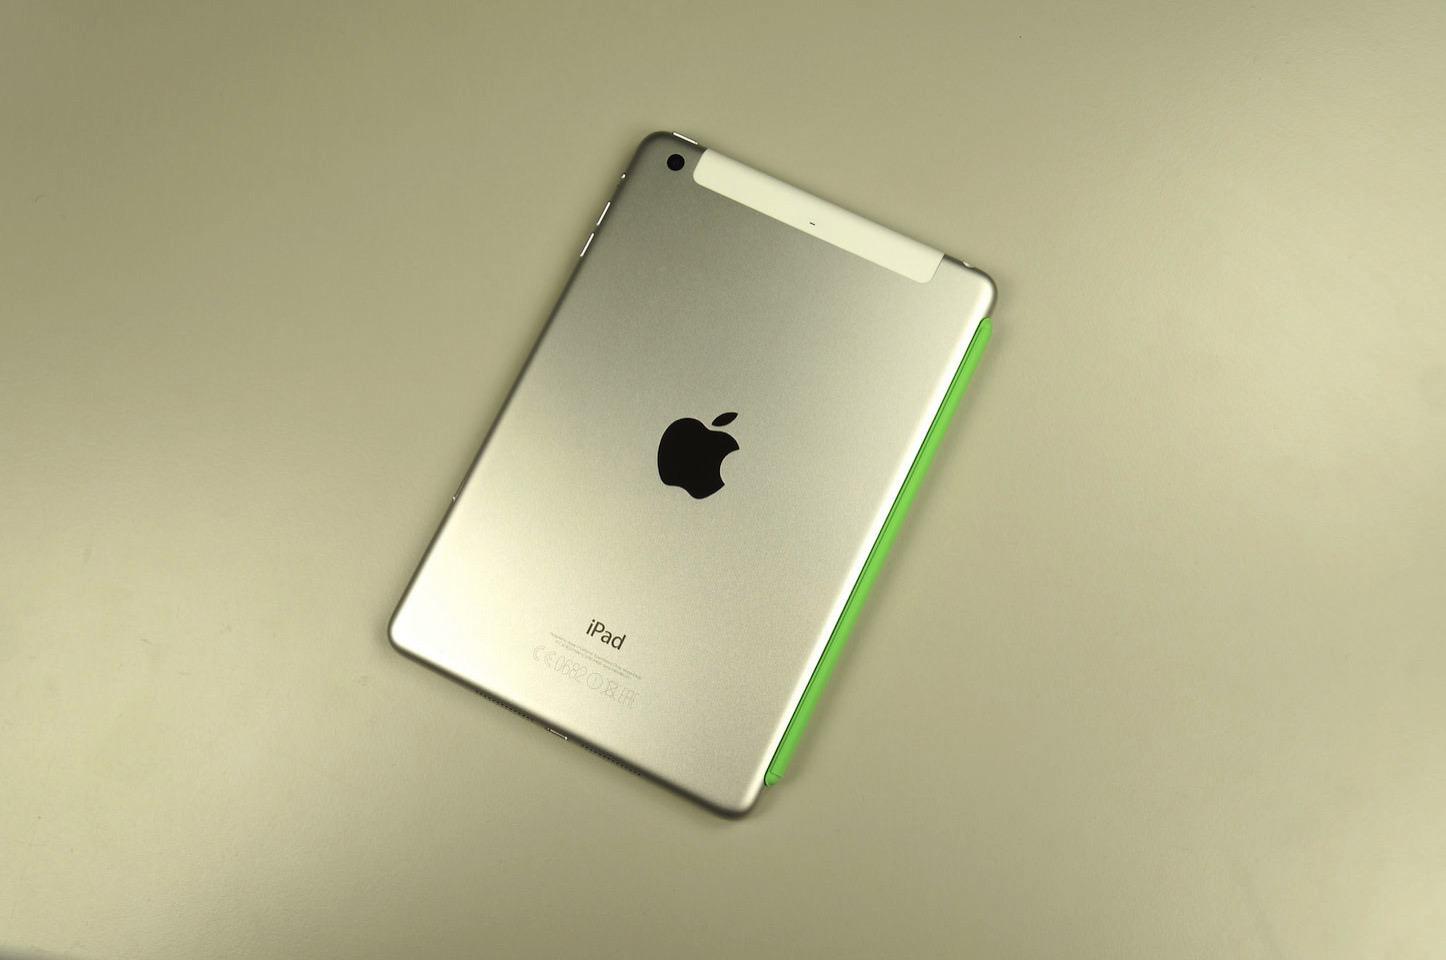 Ipad mini 4 with case green